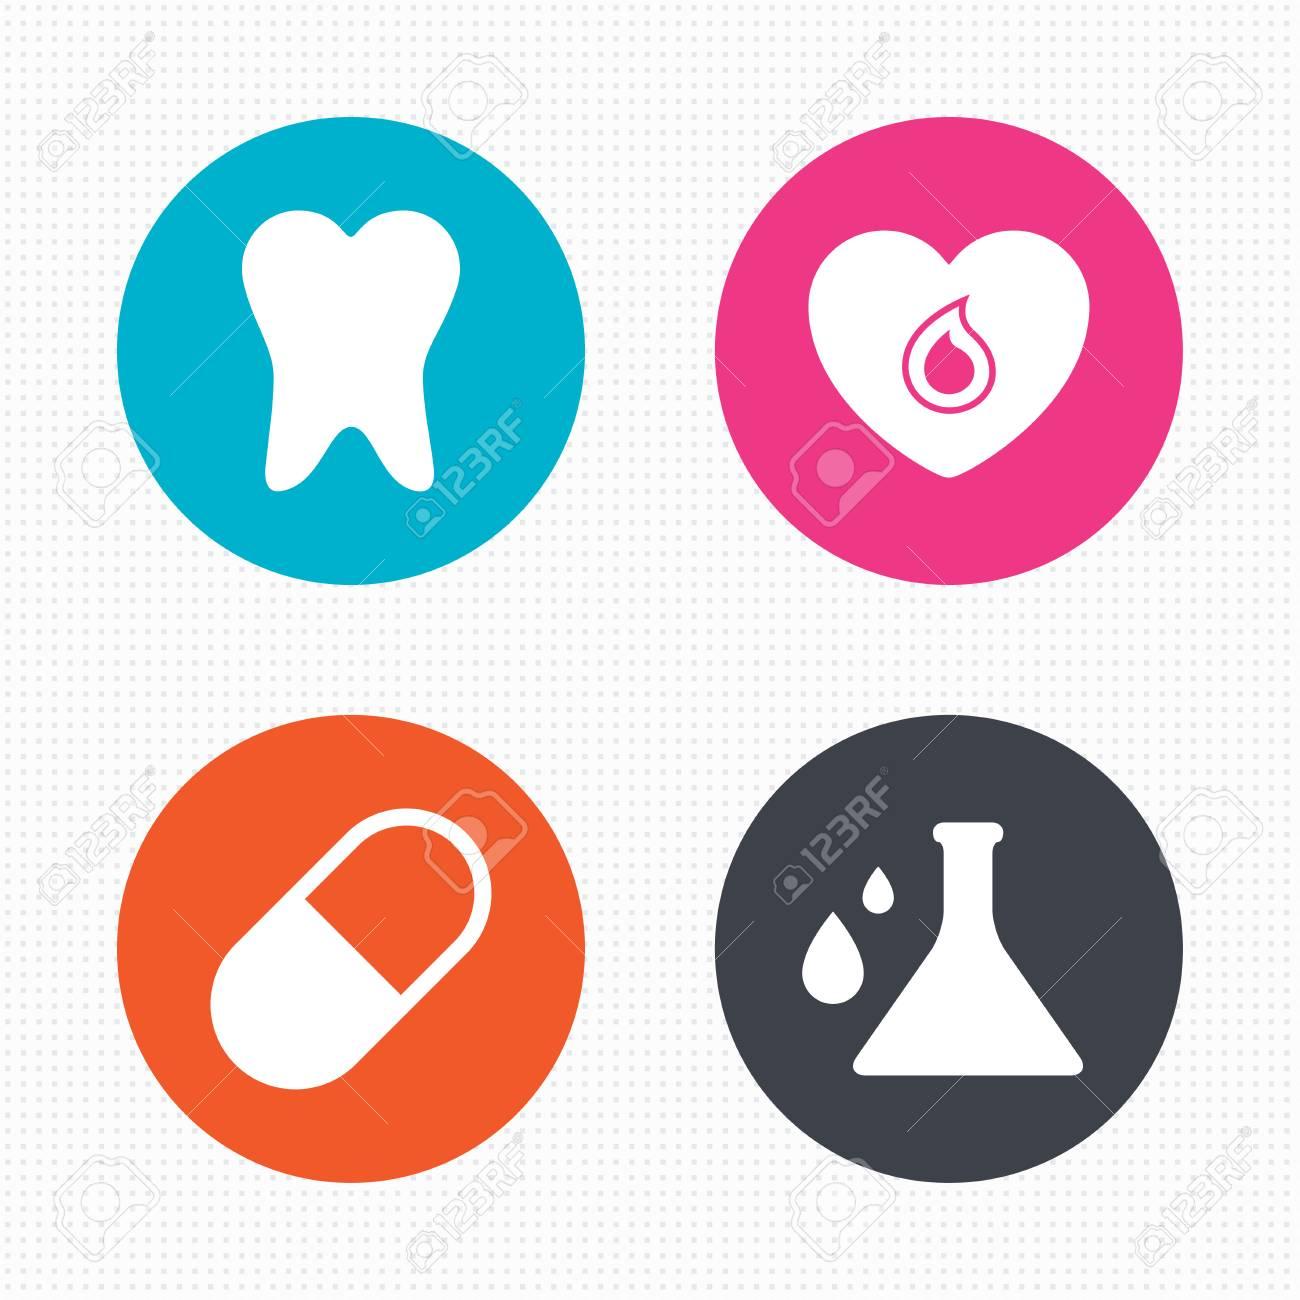 Kreis-Schaltflächen. Mutterschaft Icons. Pill, Zahn, Chemie Und ...